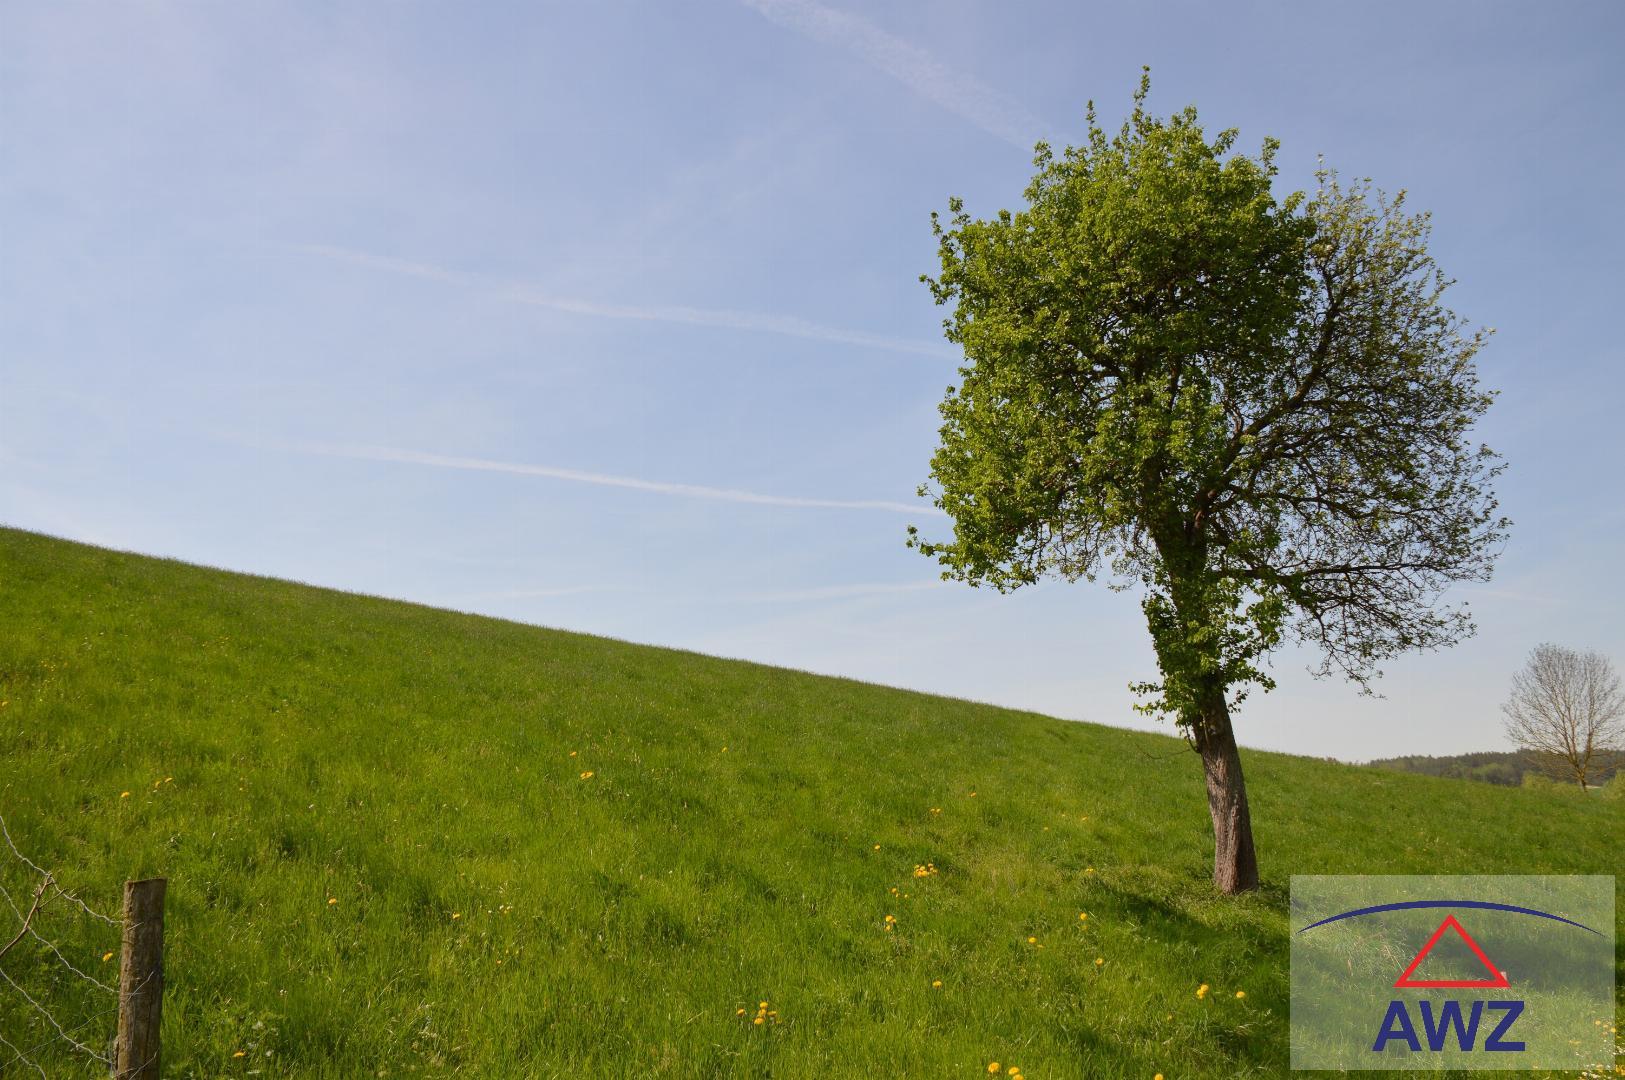 Schönes Grünland (kein Baugrund) in Pennewang